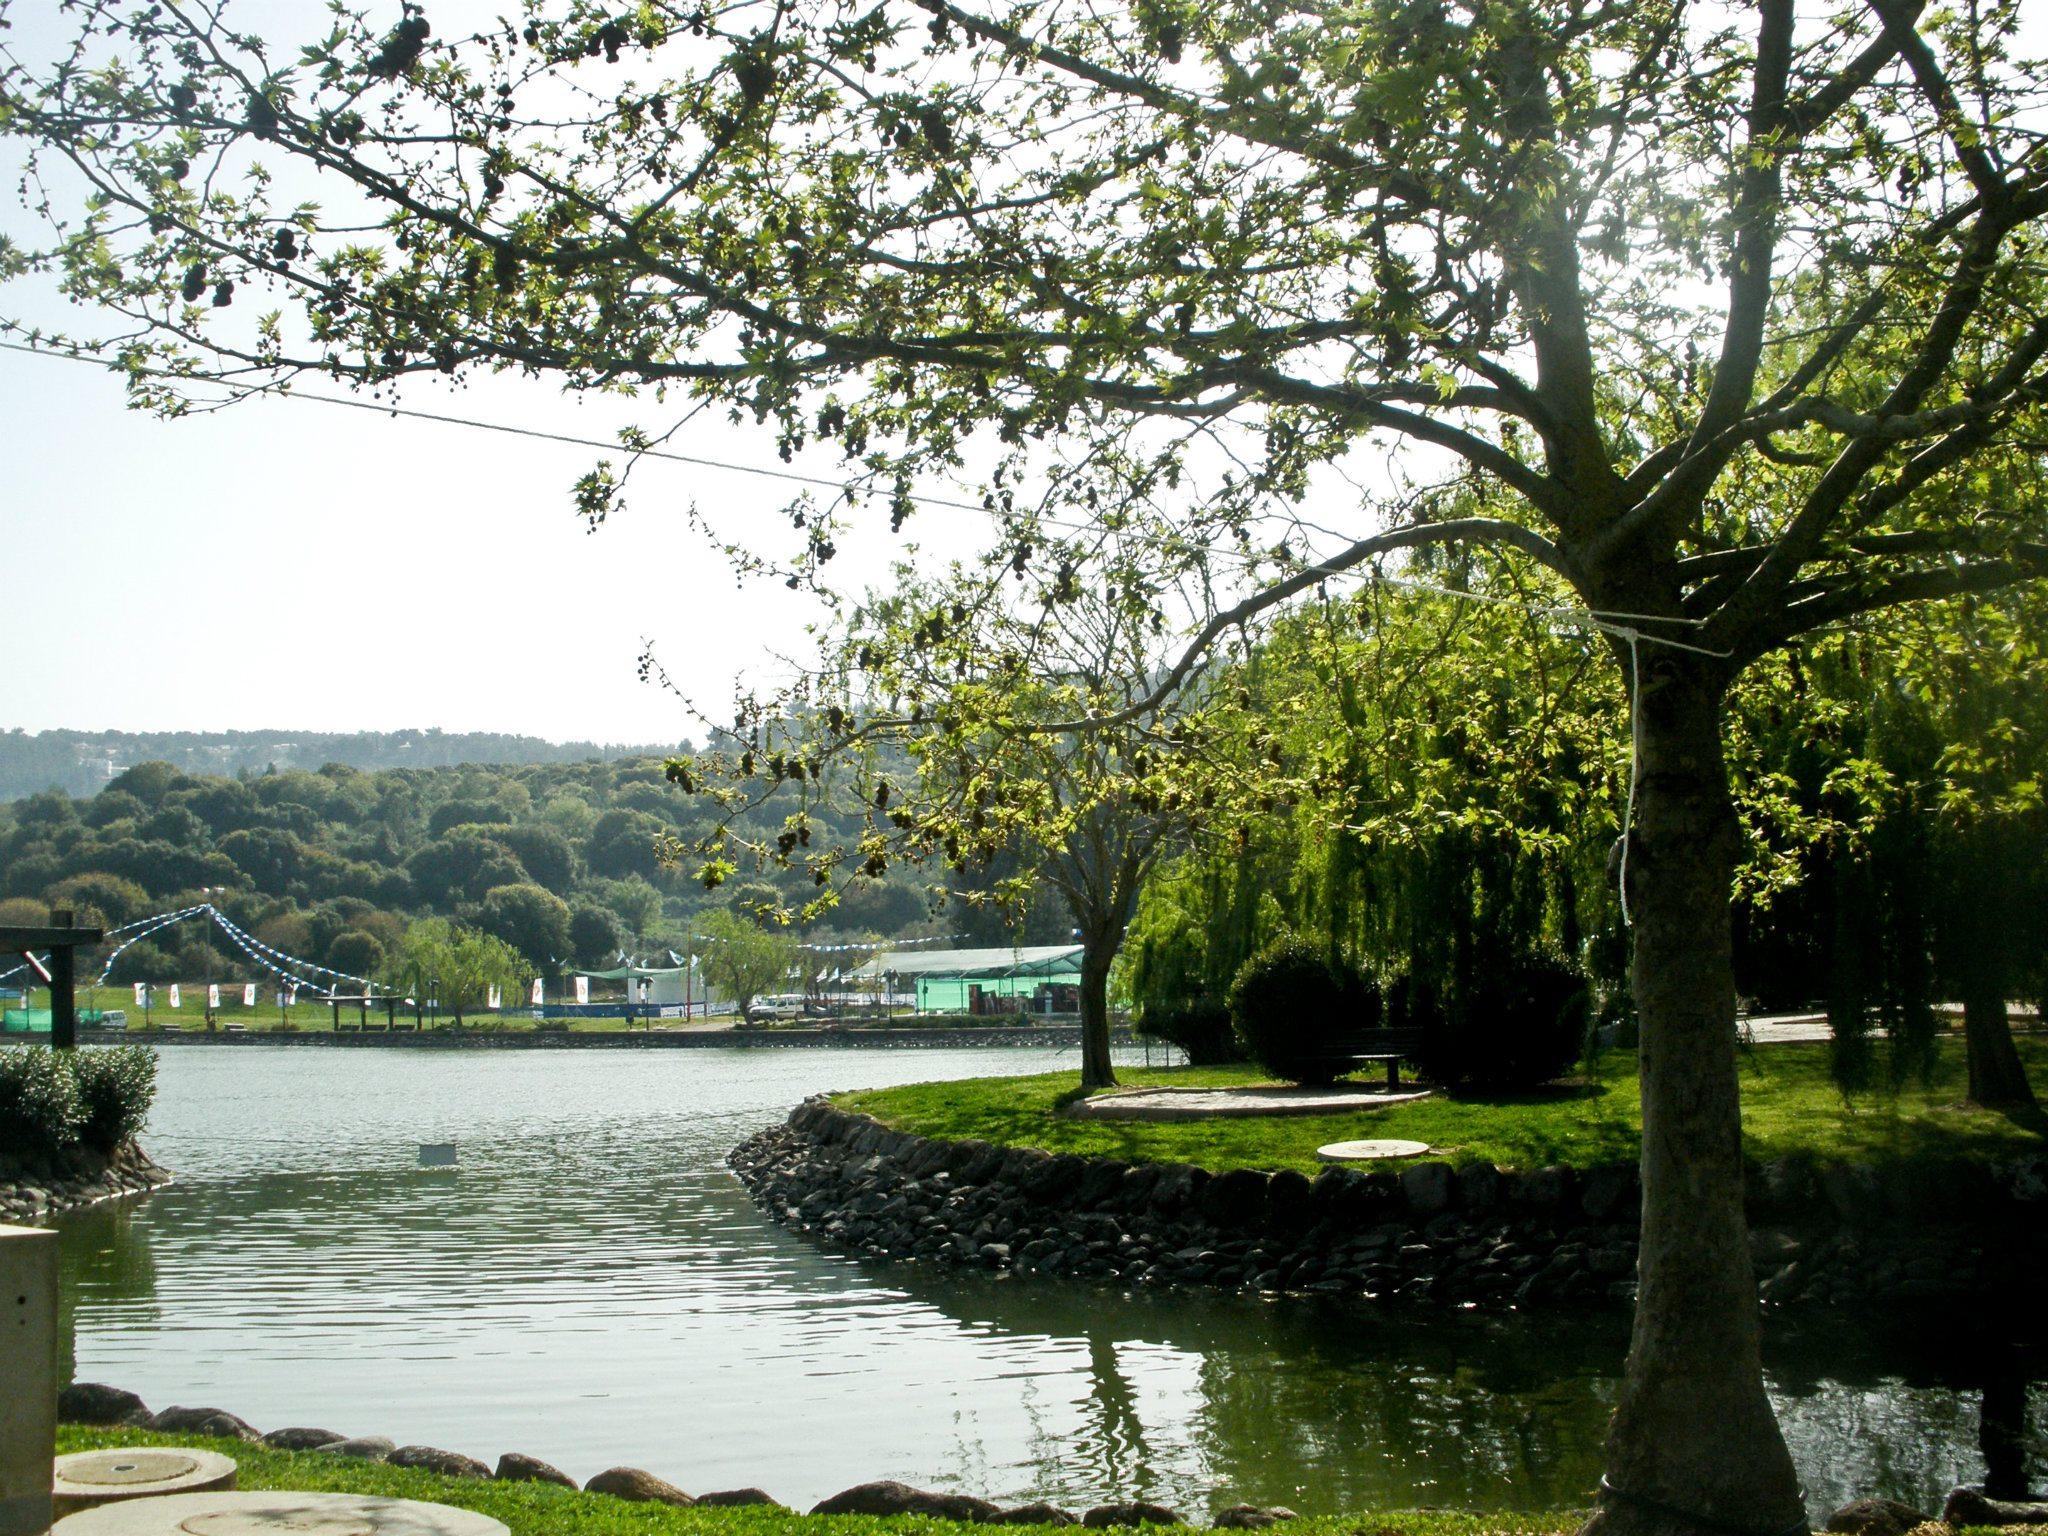 אגם מונפורט